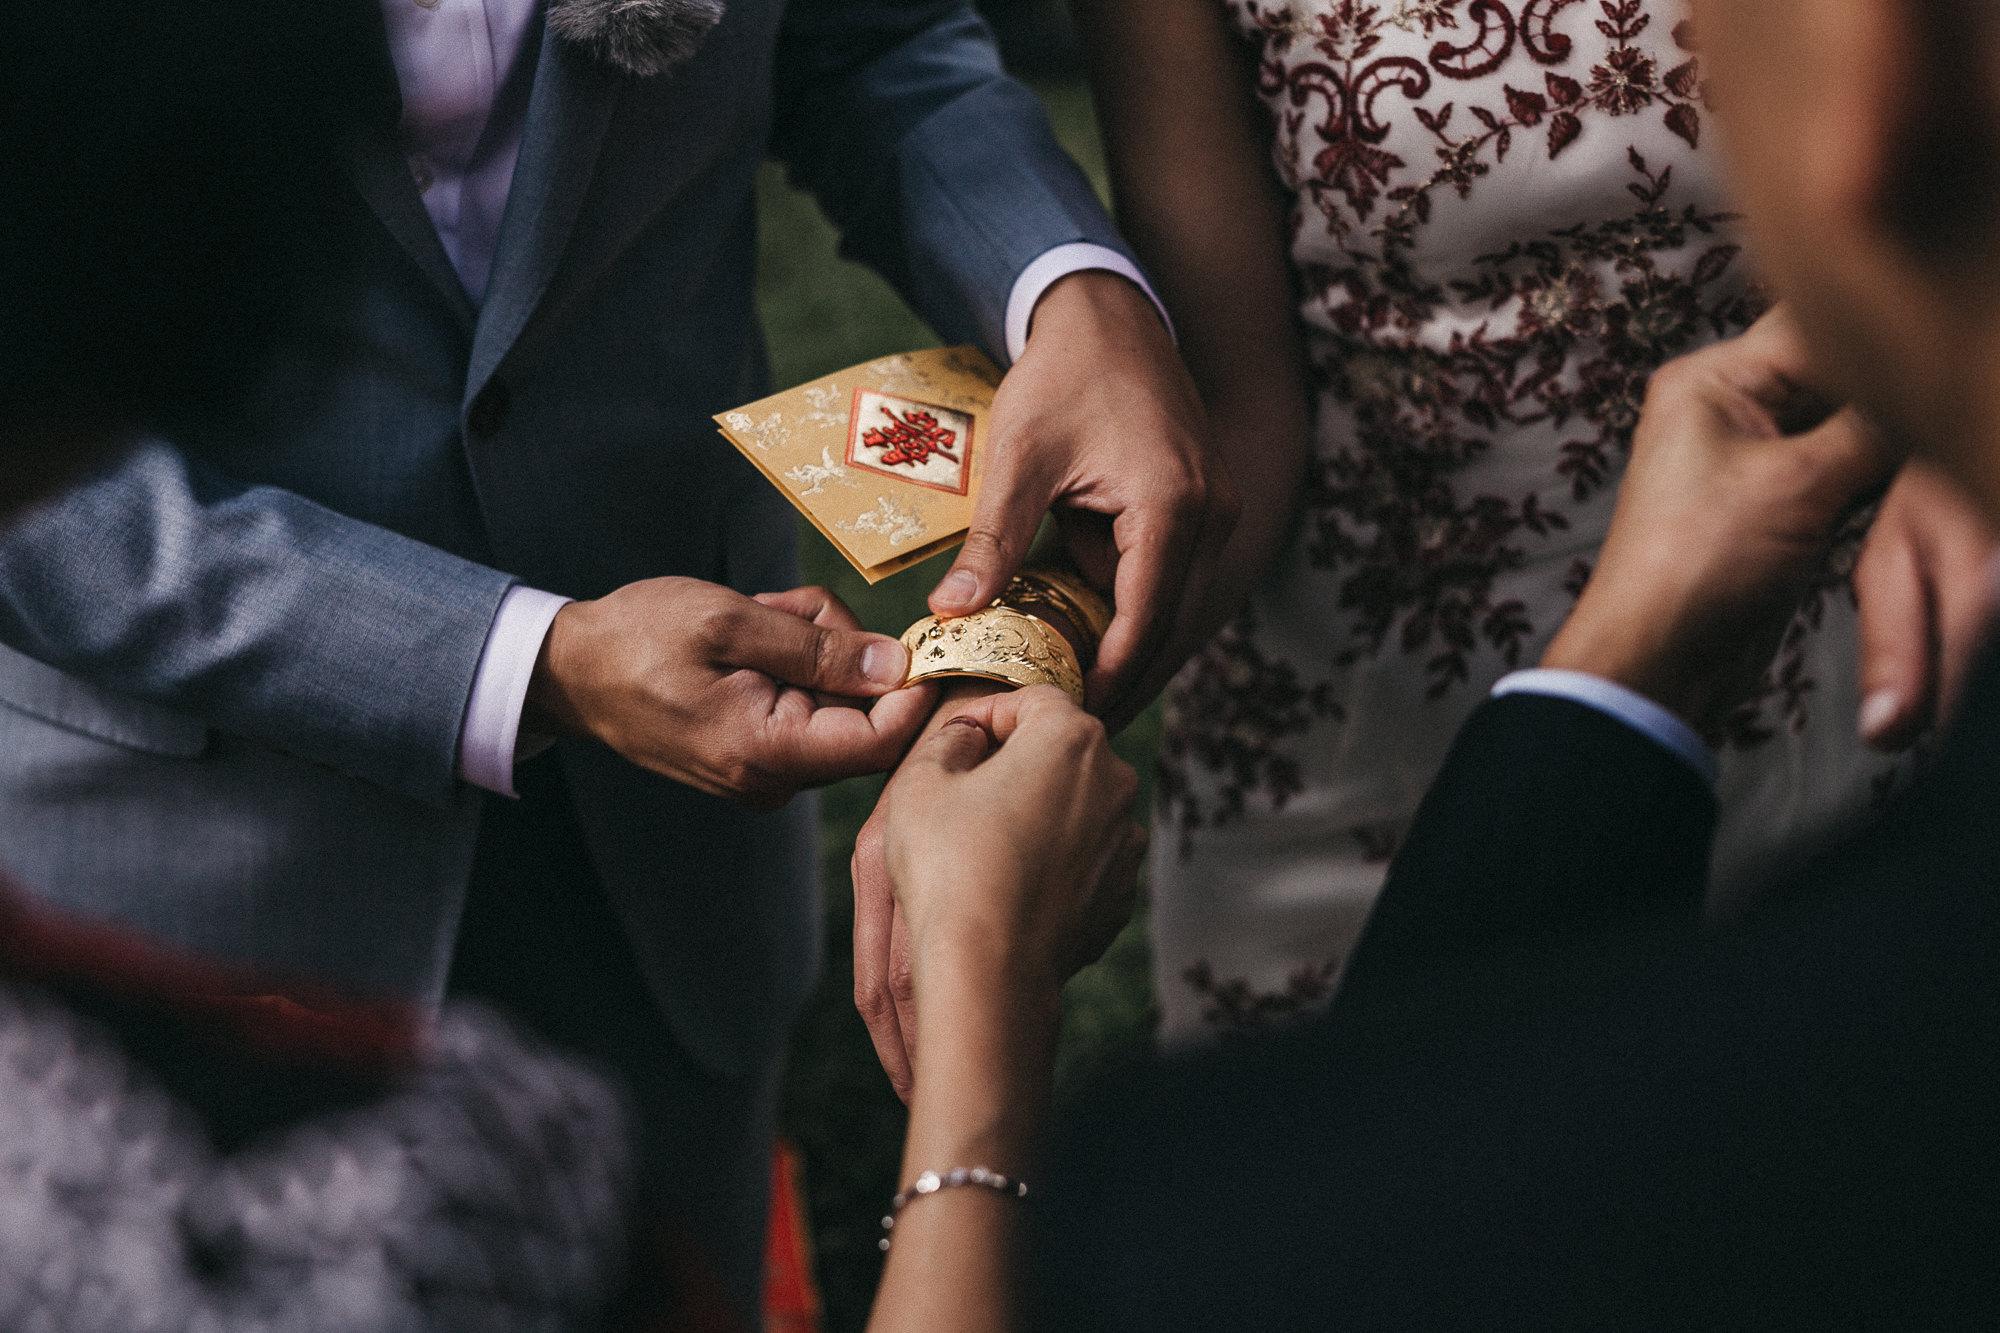 Fotografo de bodas españa serafin castillo wedding photographer spain 923.jpg